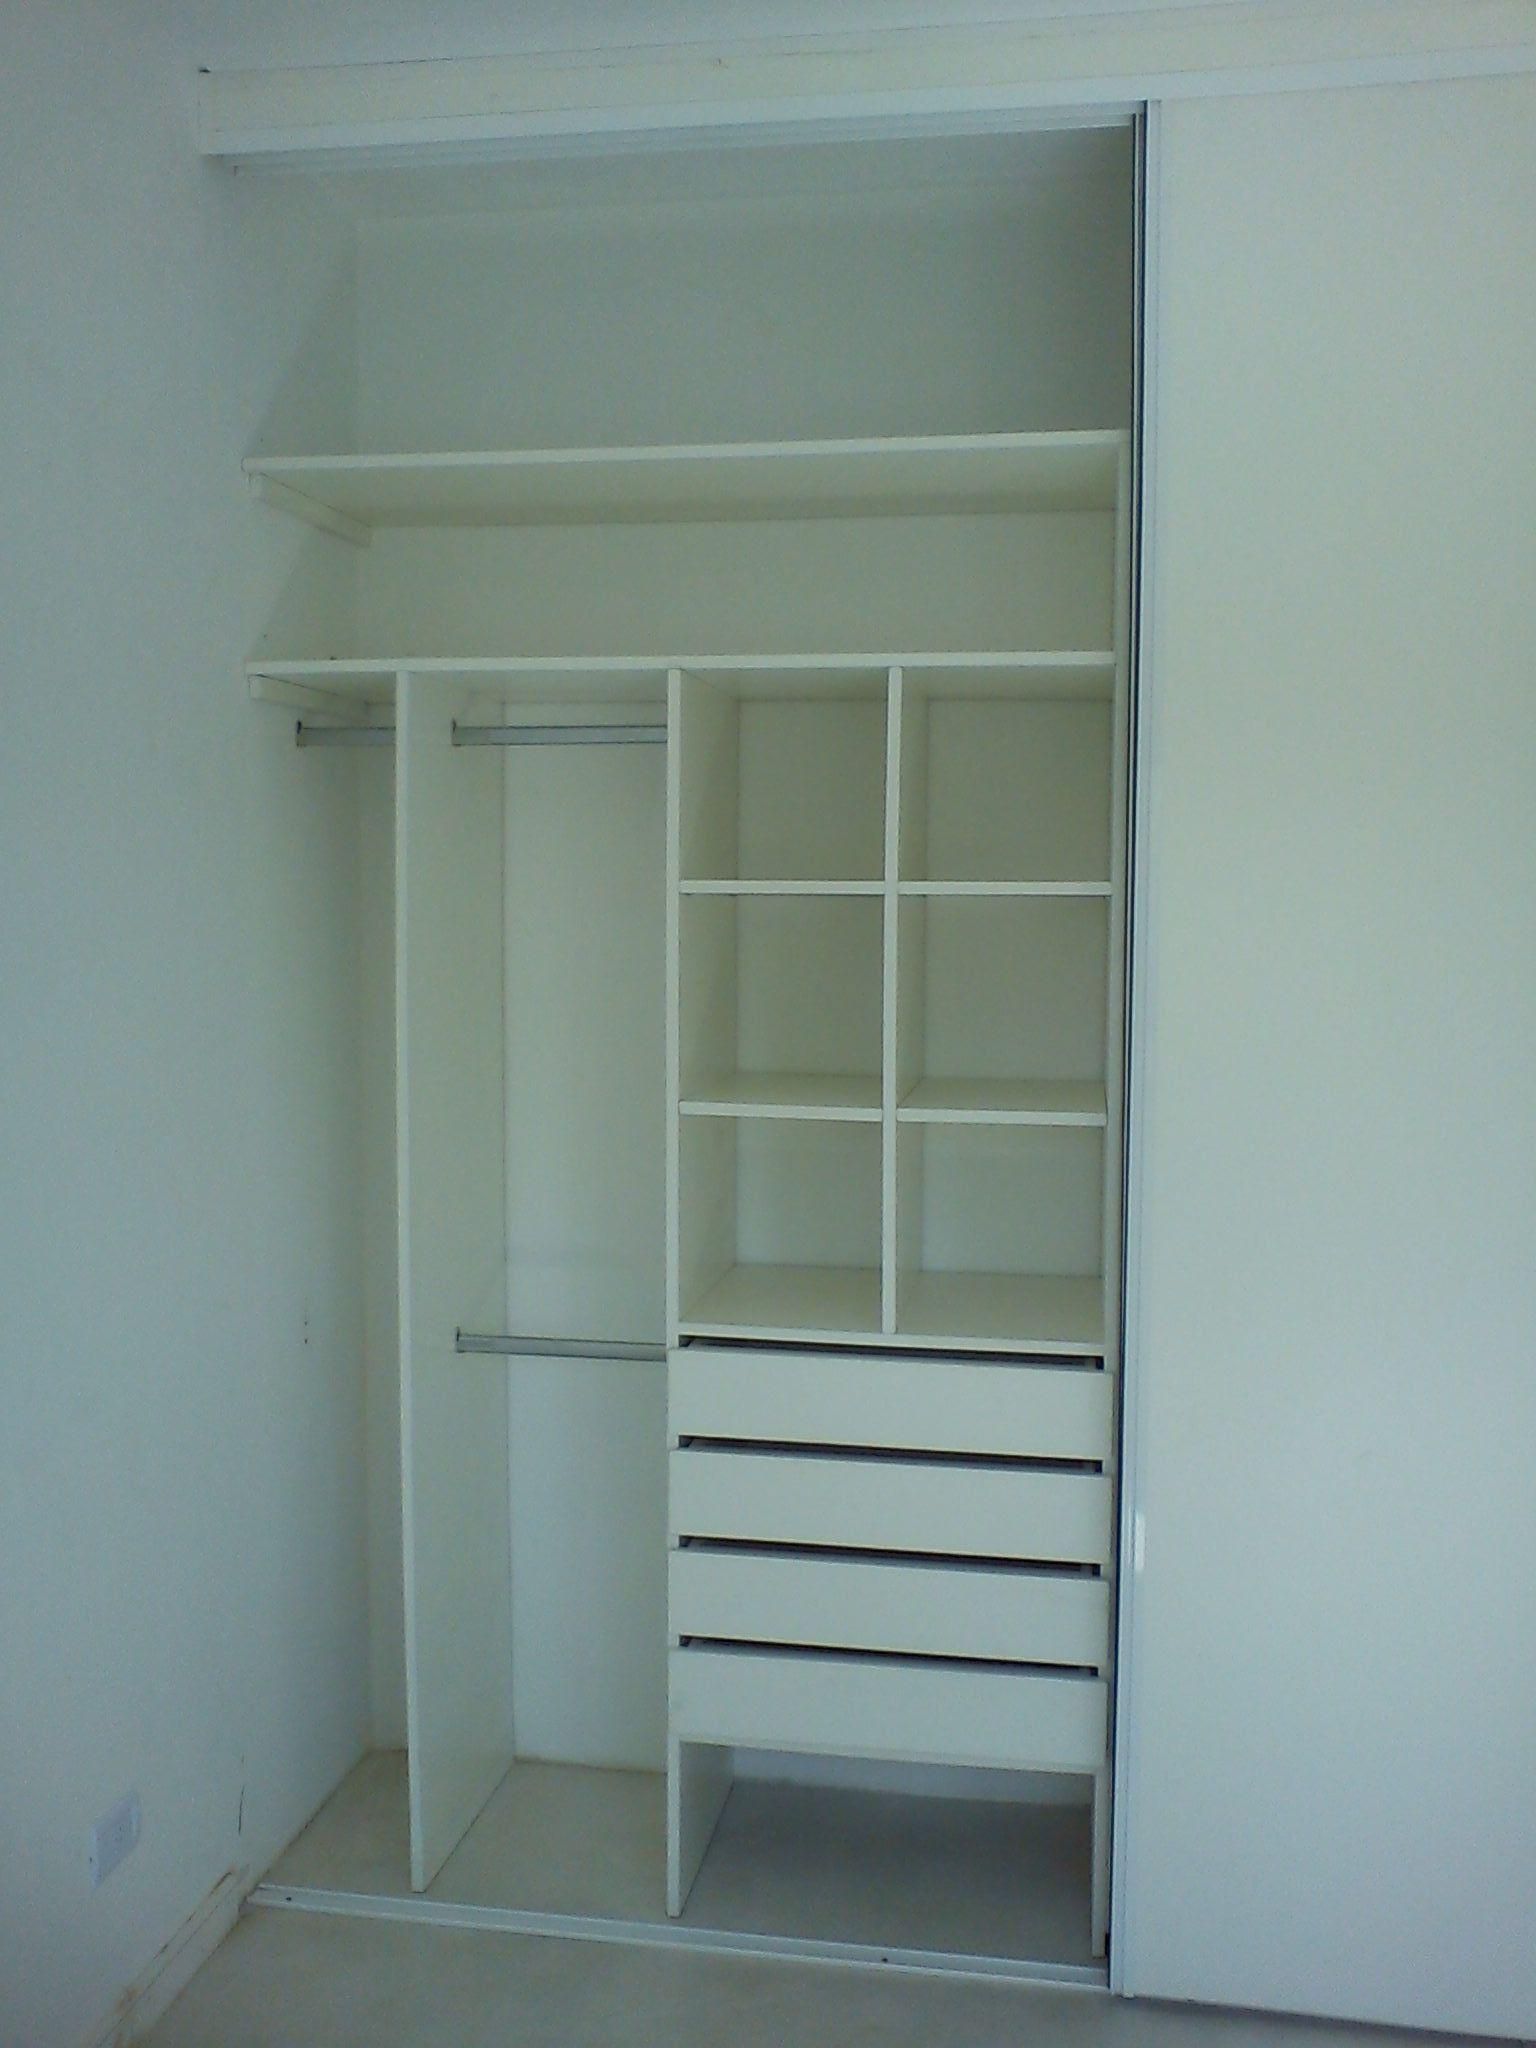 Mueble Interior con Puertas